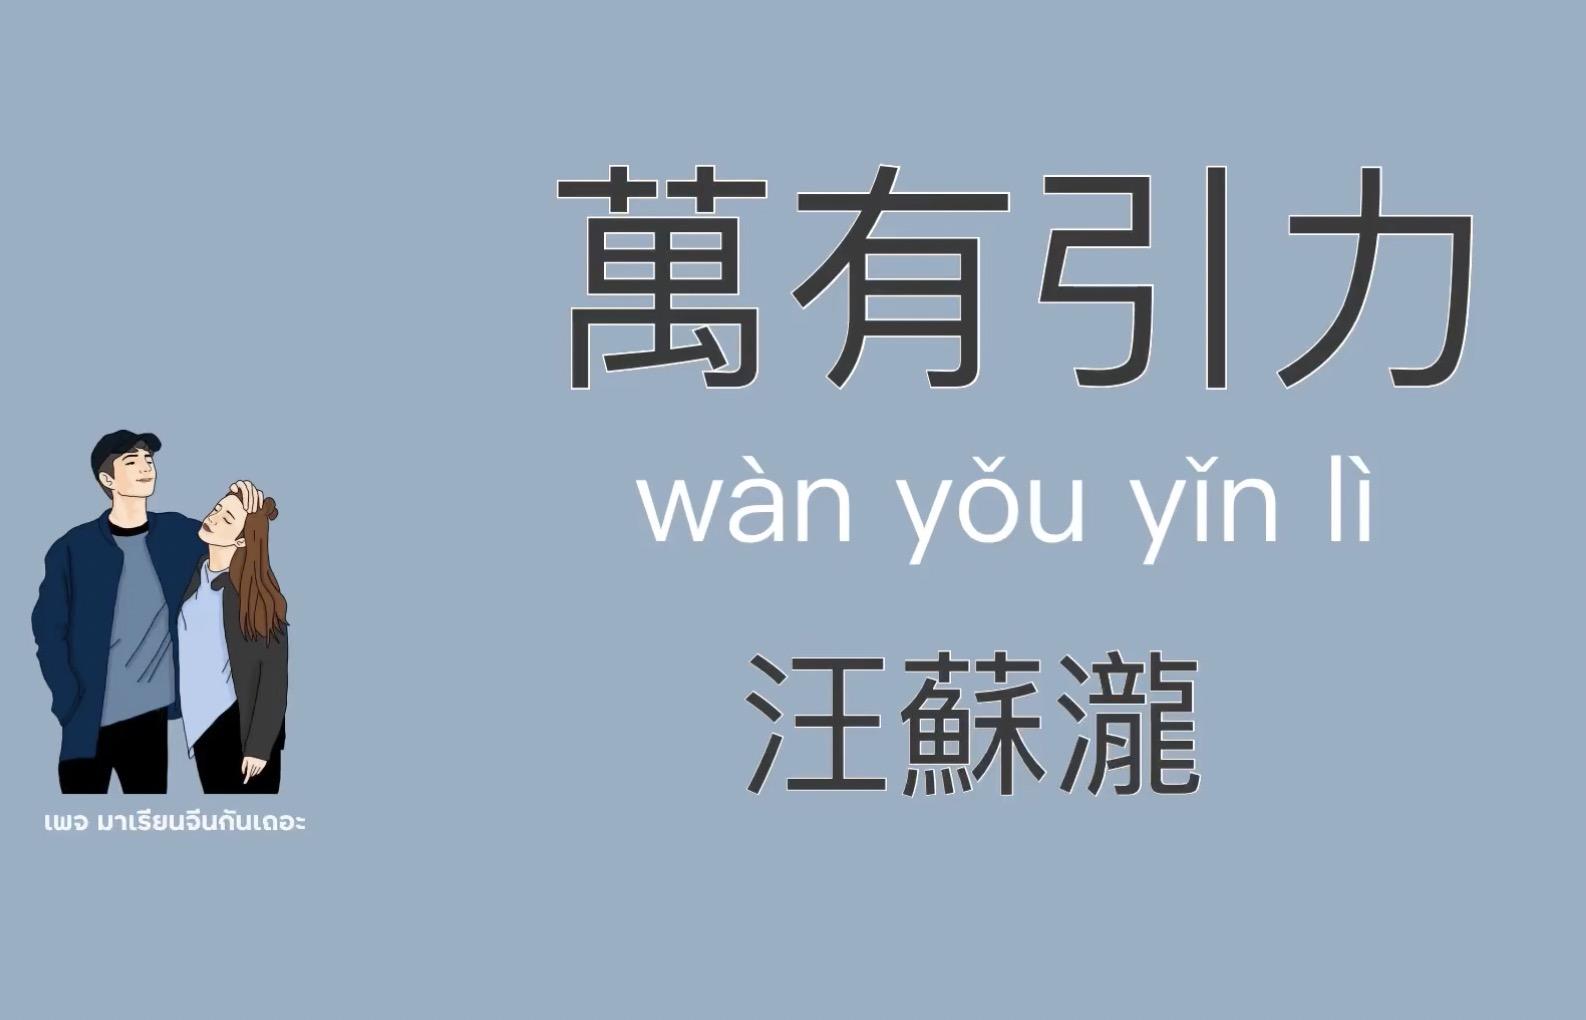 [Pinyin+แปลไทย] 只是太爱你 (zhǐ shì tài ài nǐ)เพียงแค่รักเธอมากเกินไป | แปลเพลงจีน BY ฟ้าเหล่าซือ